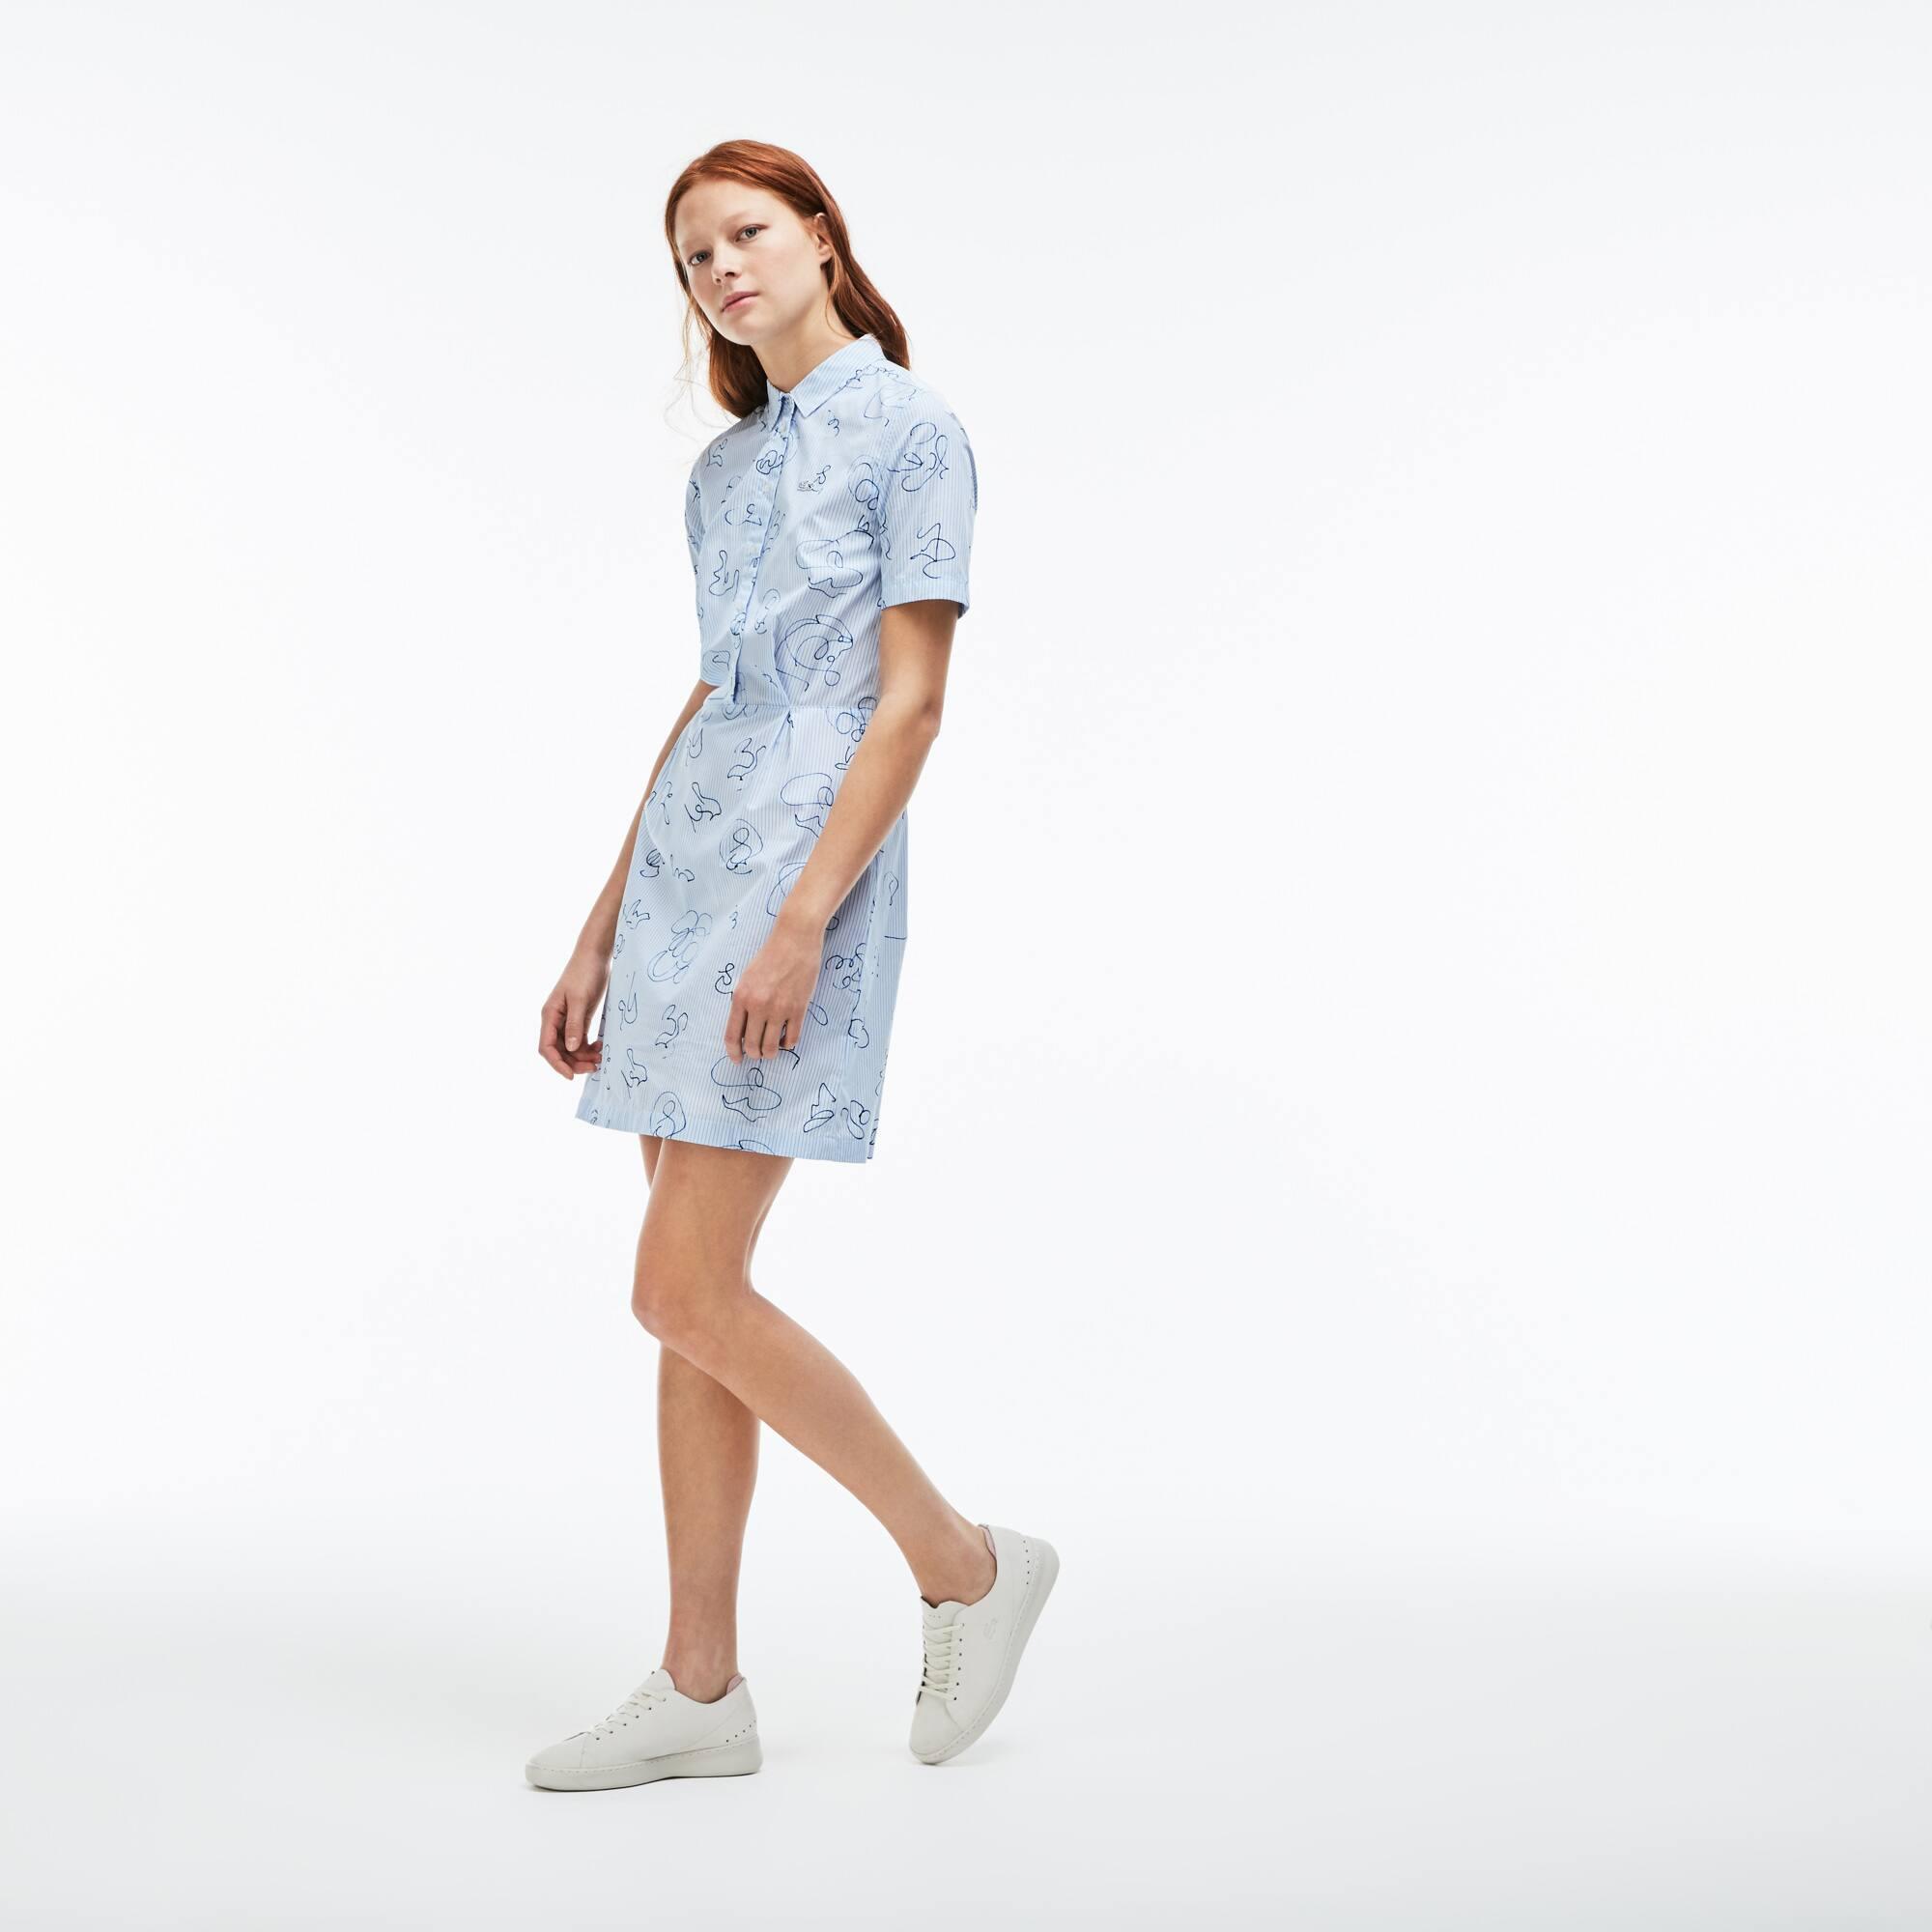 Lacoste LIVE-shirtjurk dames katoenpopeline gestreept met print